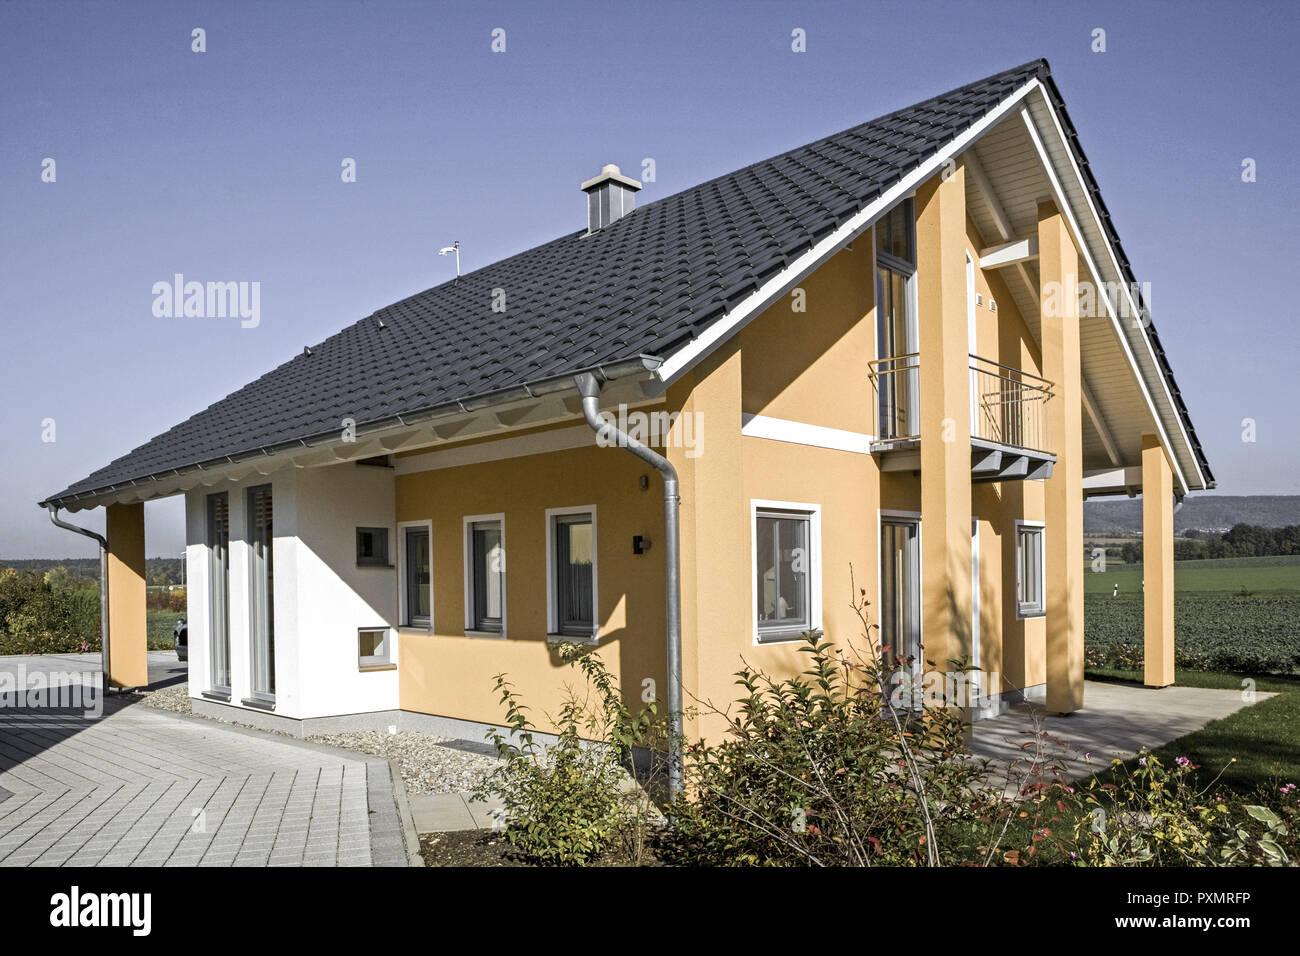 Einfamilienhaus Architektur Haus Wohnhaus Gebaeude Eigenheim